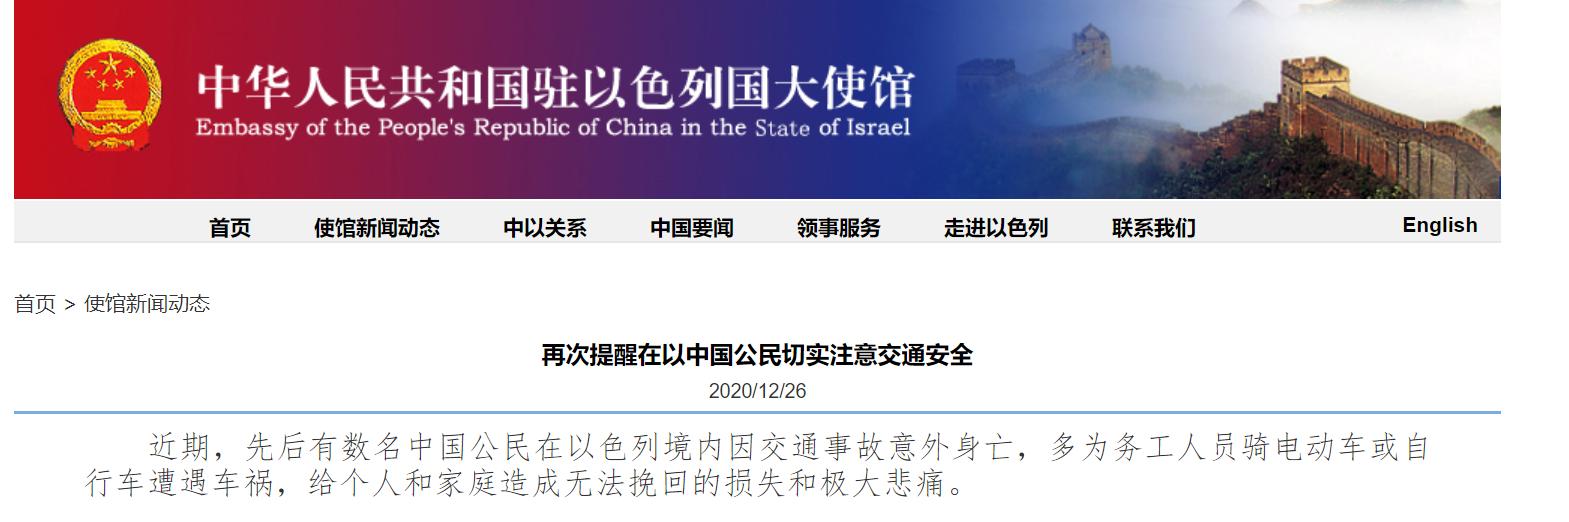 中国驻以色列大使馆:数名在以务工人员因交通事故意外身亡,要提高安全意识